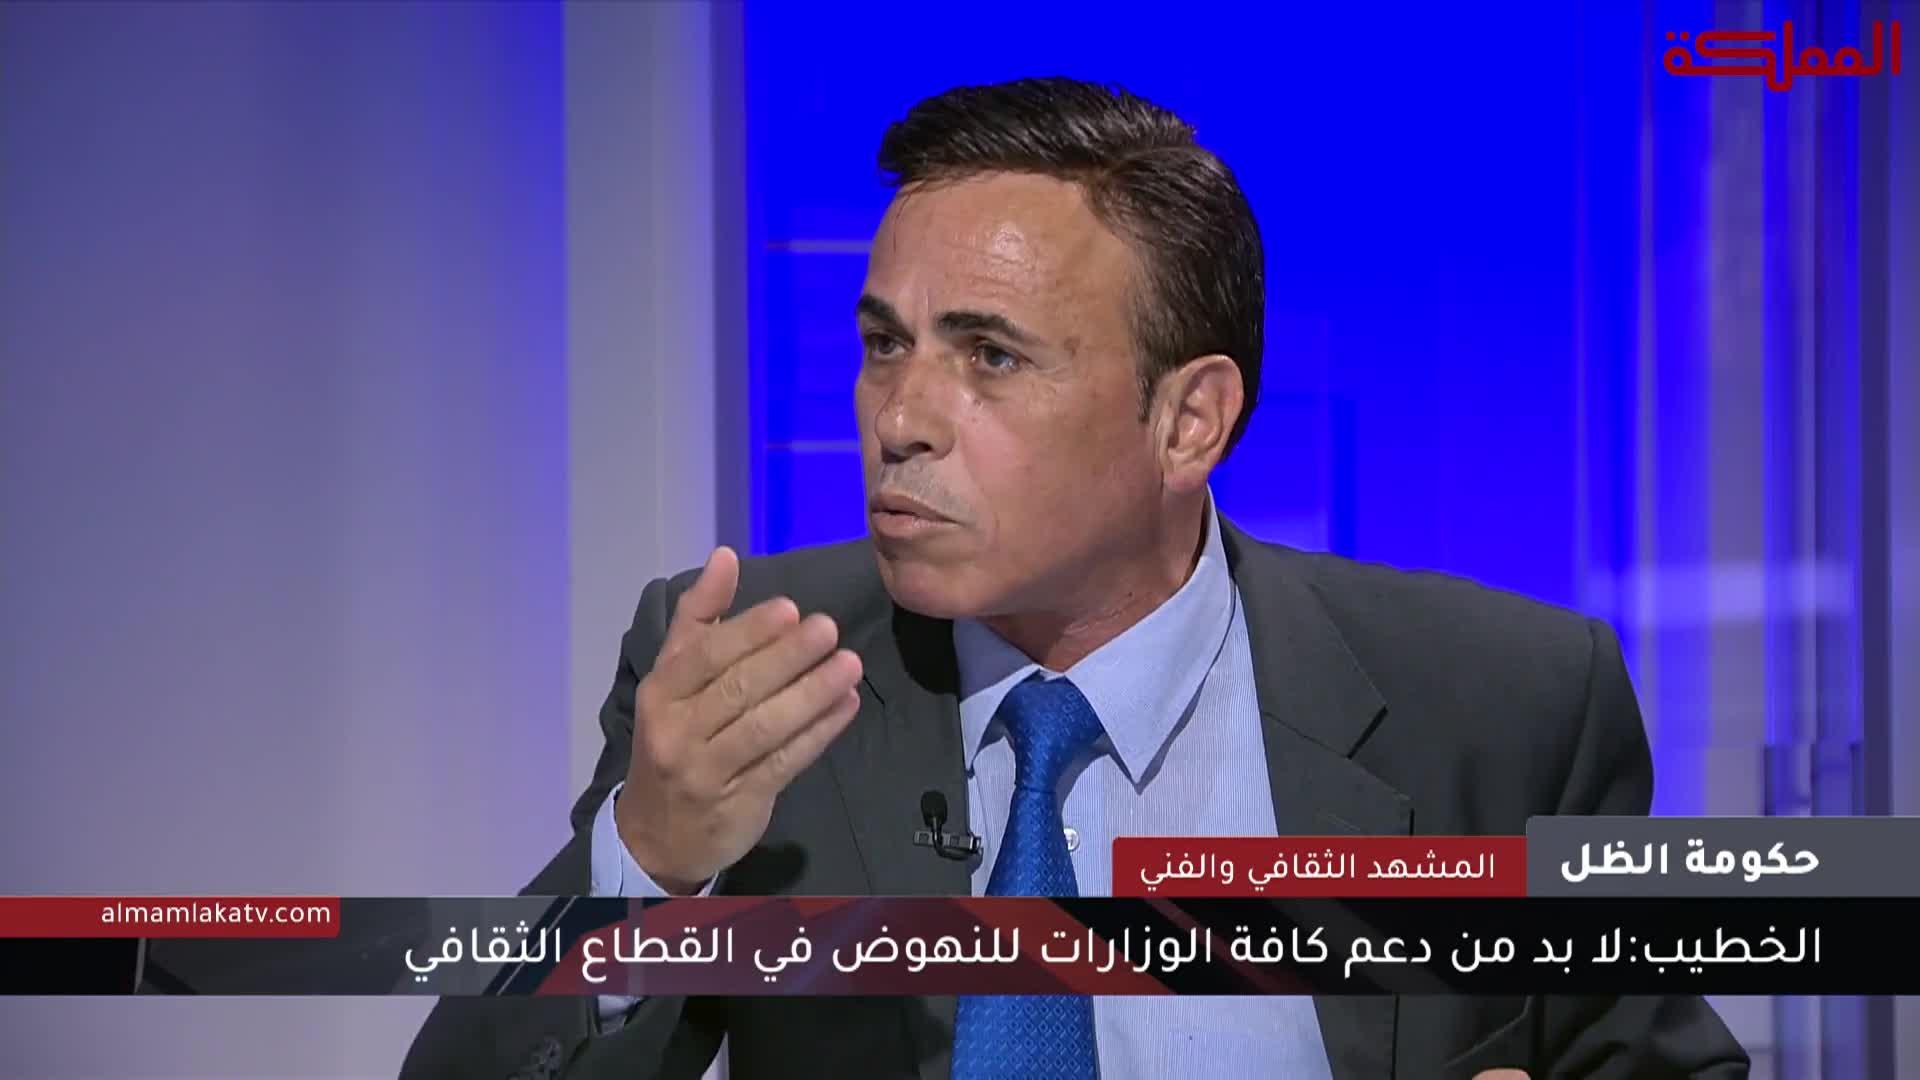 حكومة الظل | المشهد الثقافي في الأردن ... الأزمة وآفاق التنمية